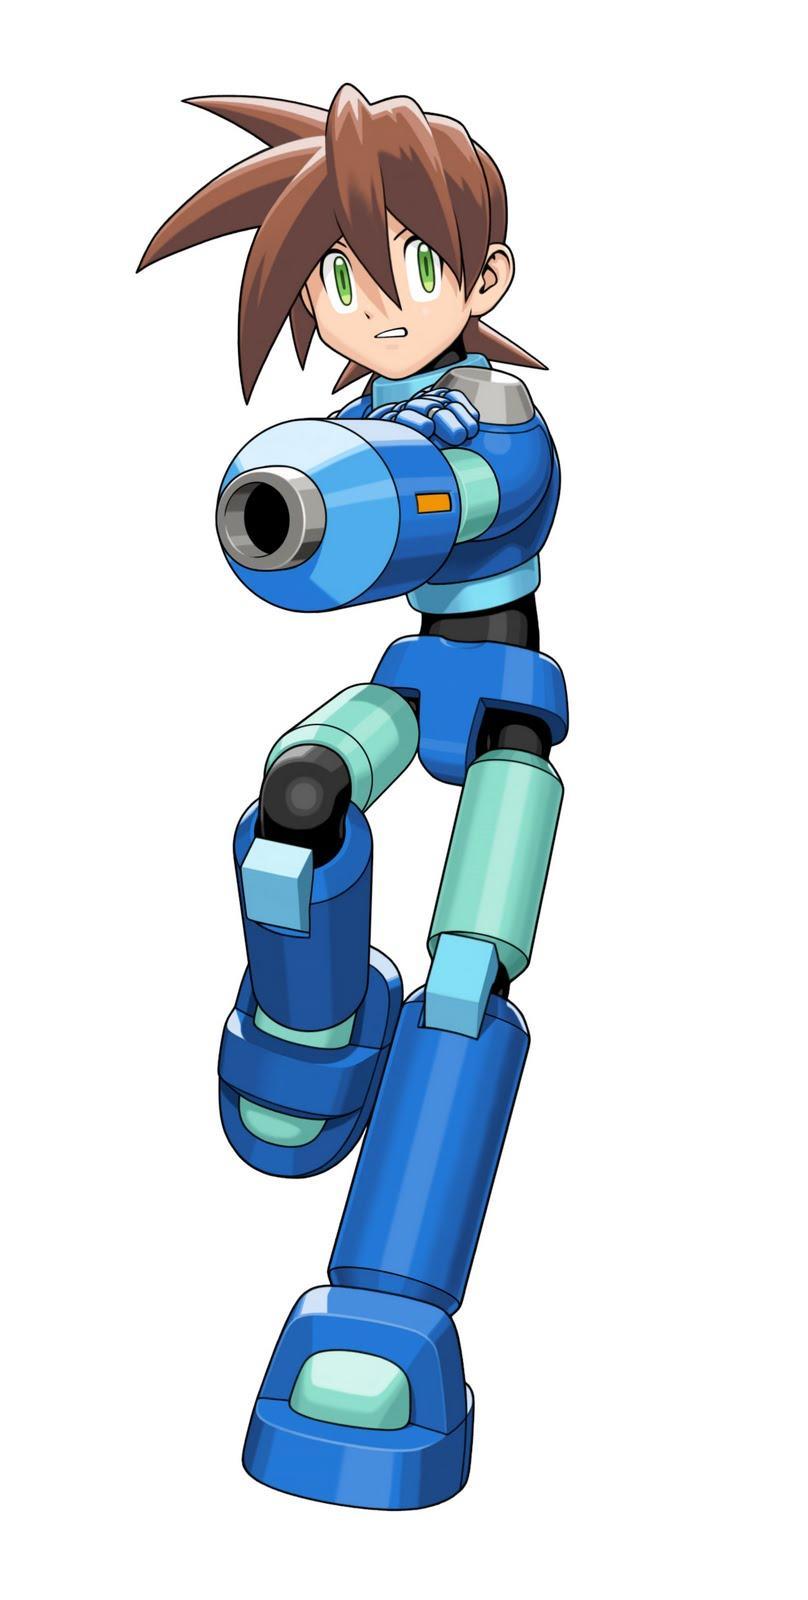 Mega man volnutt mega man hq fandom powered by wikia - Megaman wikia ...